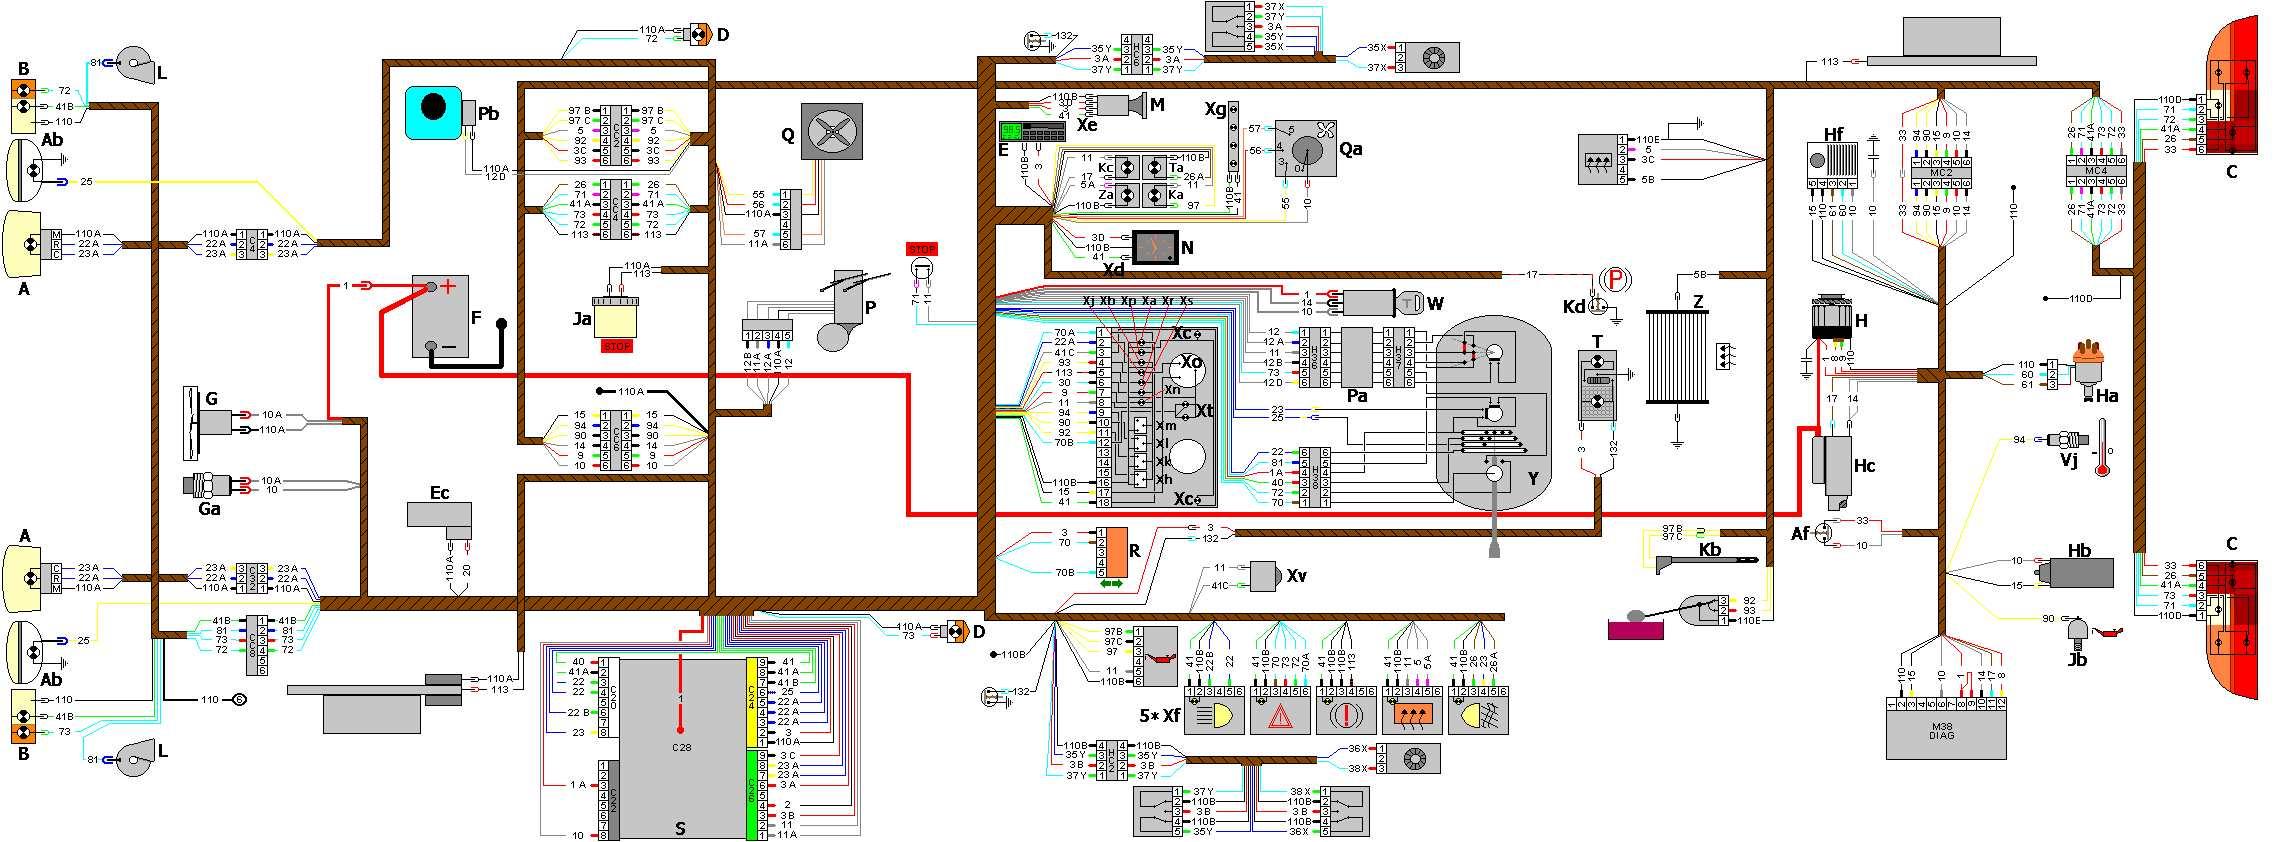 205 mi16 wiring diagram - wiring diagram sierramichelsslettvet., Wiring diagram